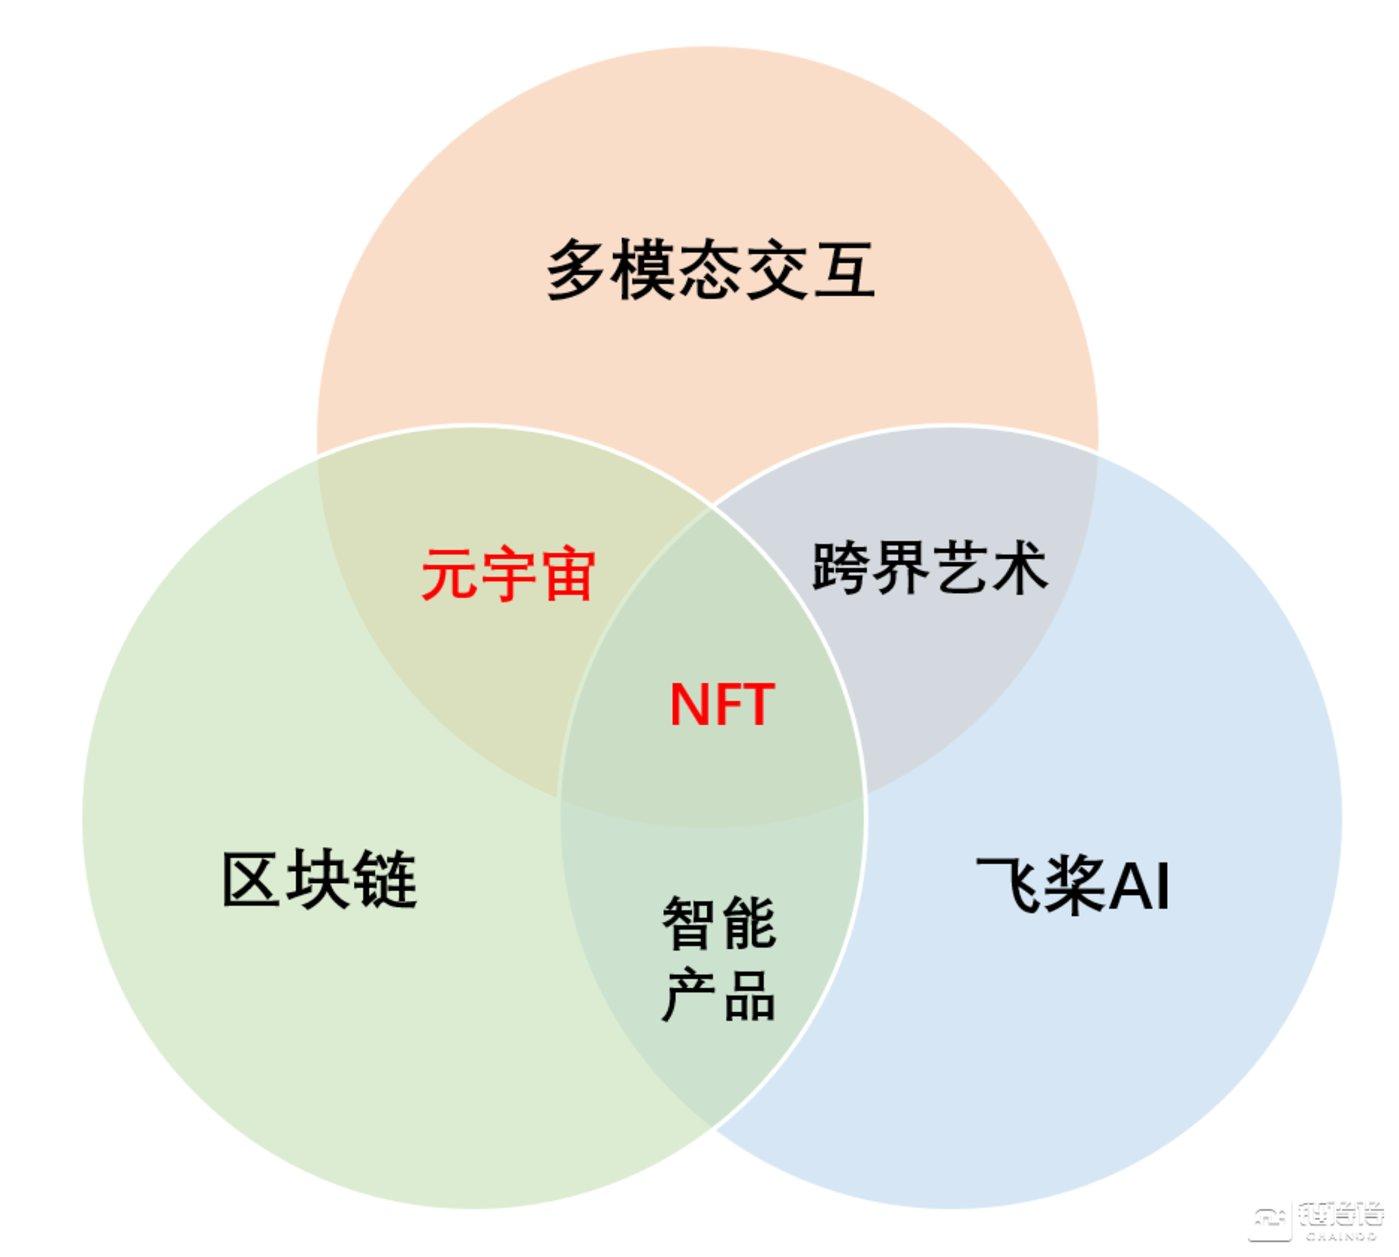 元宇宙&NFT艺术概念关系图谱